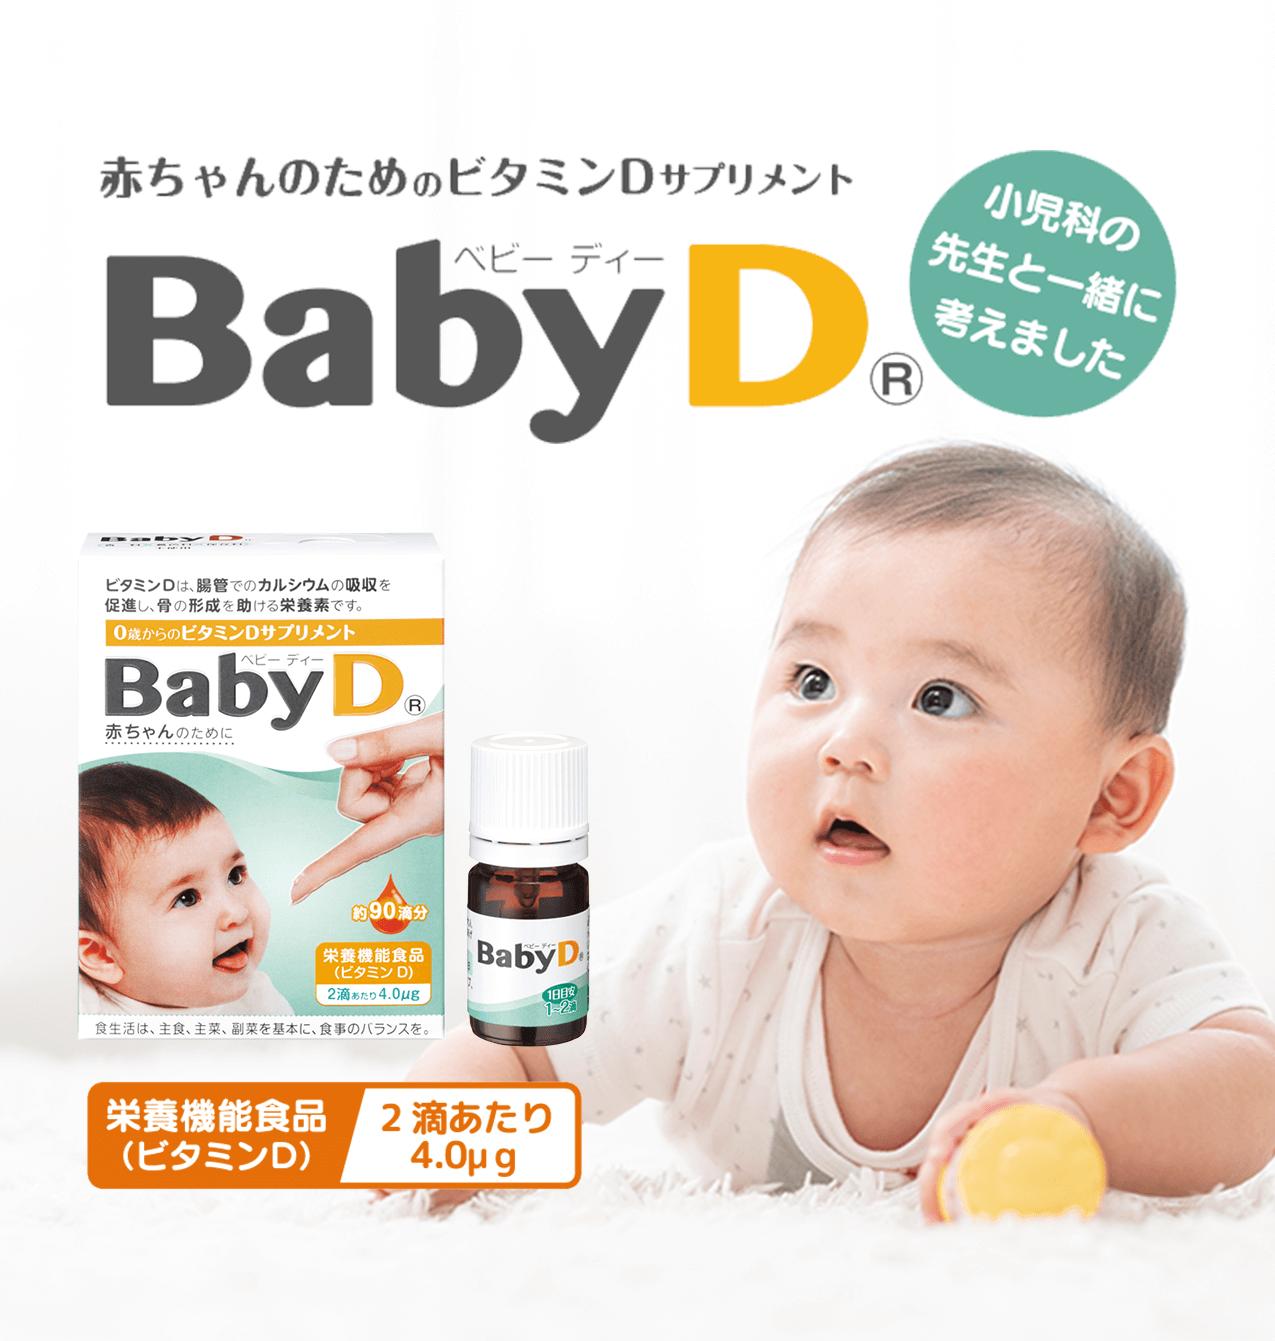 赤ちゃんのためのビタミンDサプリメントBabyD